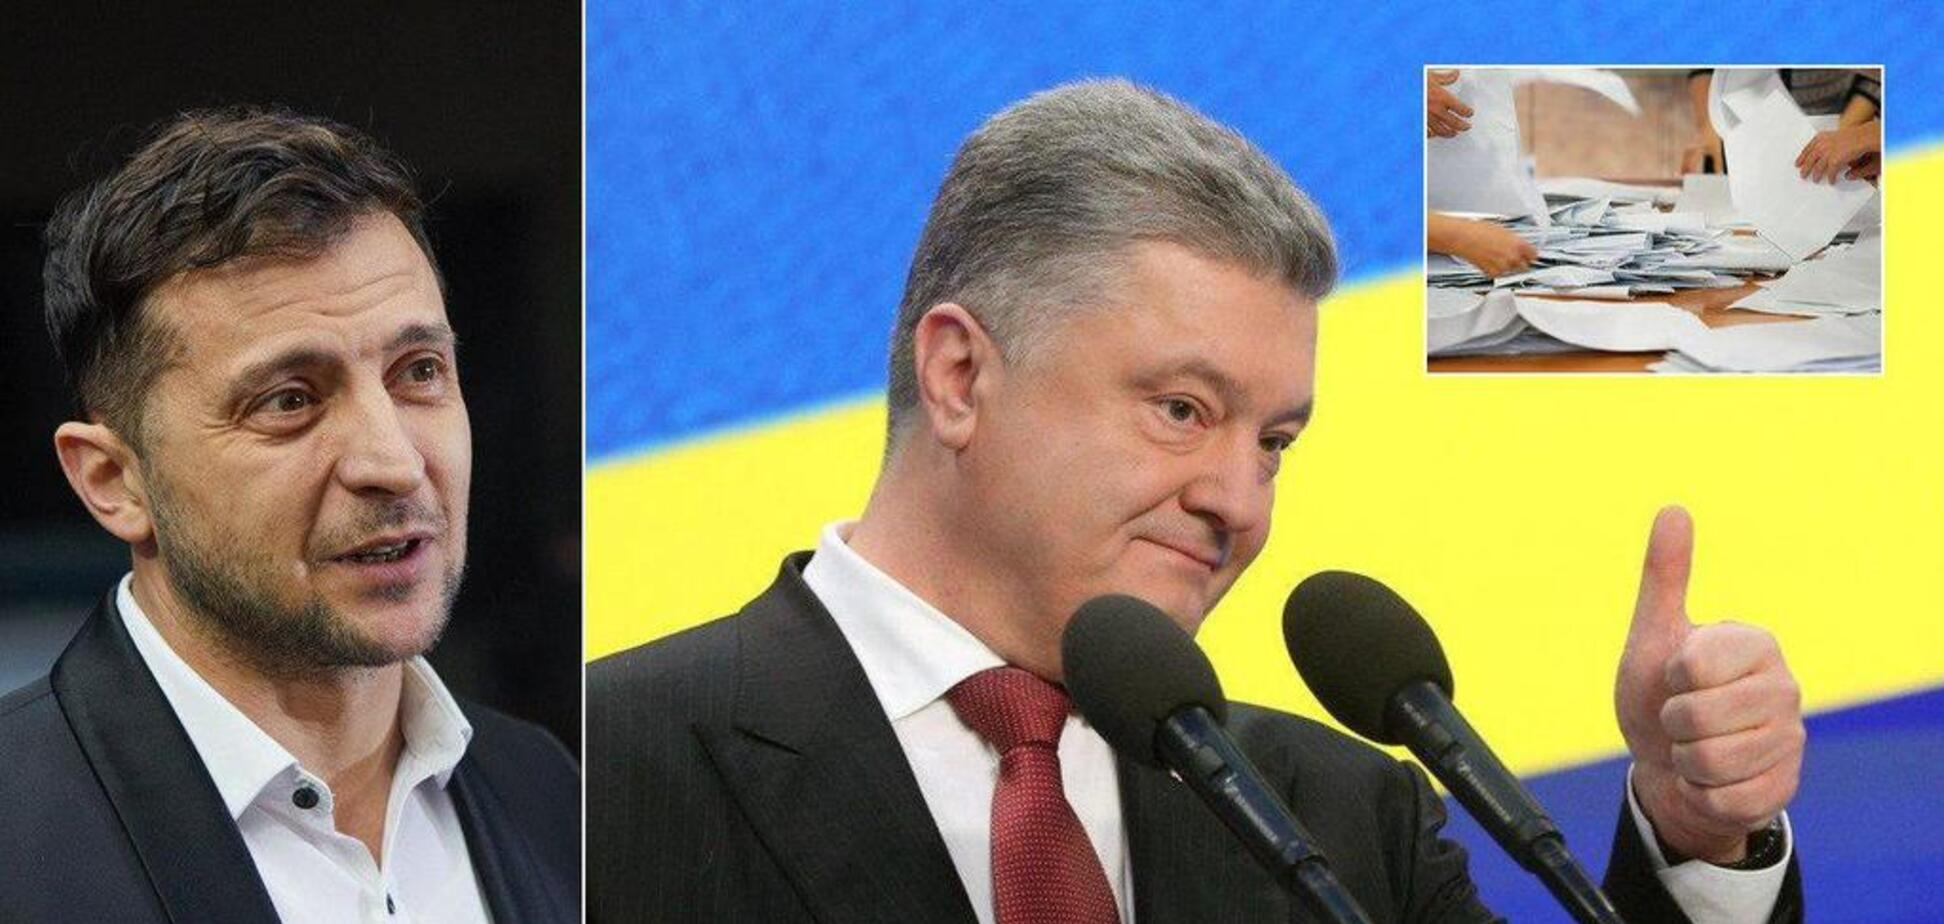 Зеленский и Порошенко проходят во второй тур: данные экзит-полов